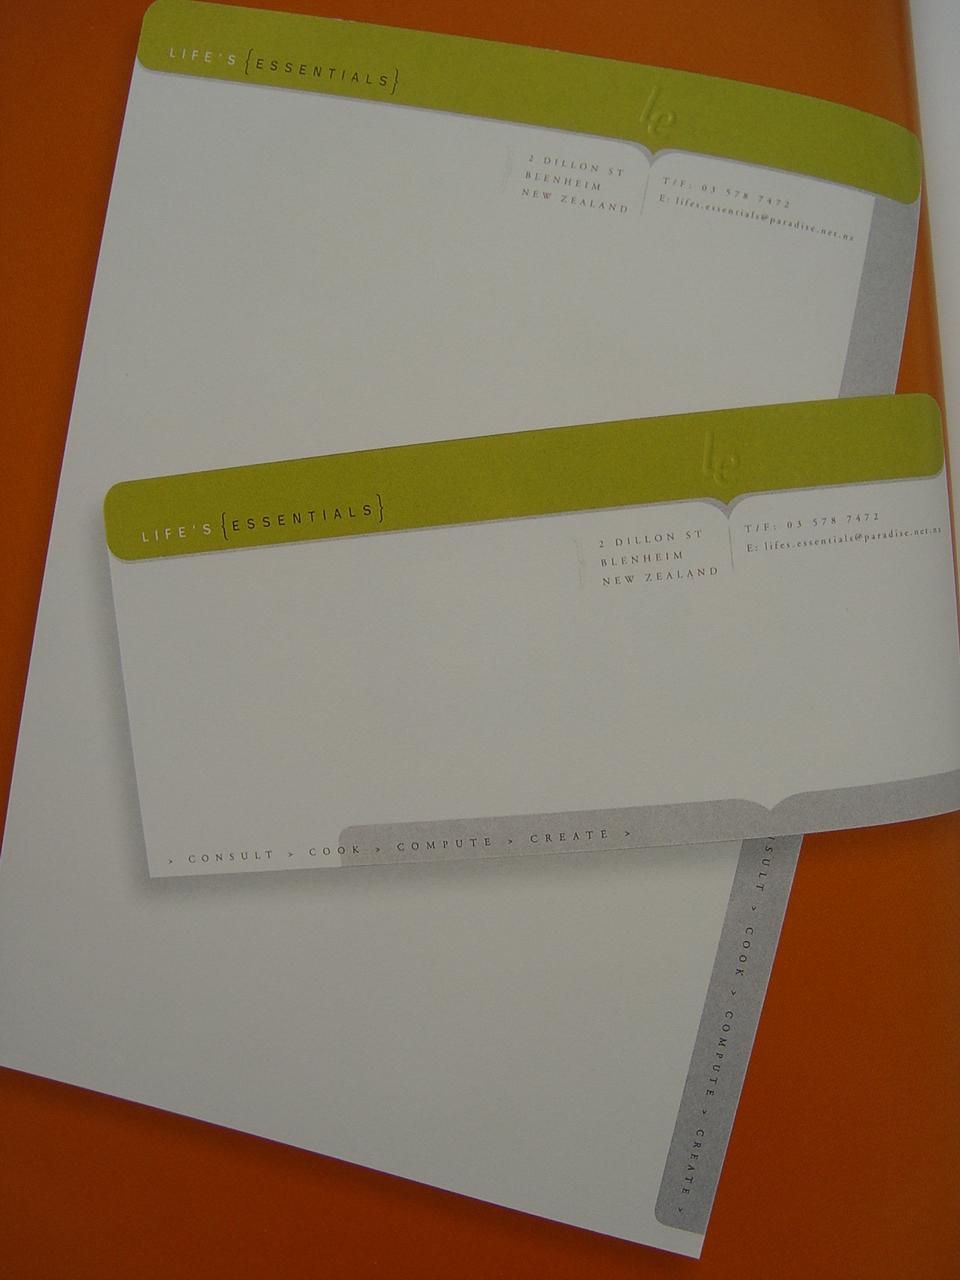 国外信封设计欣赏-设计欣赏-素材中国-online.sccnn